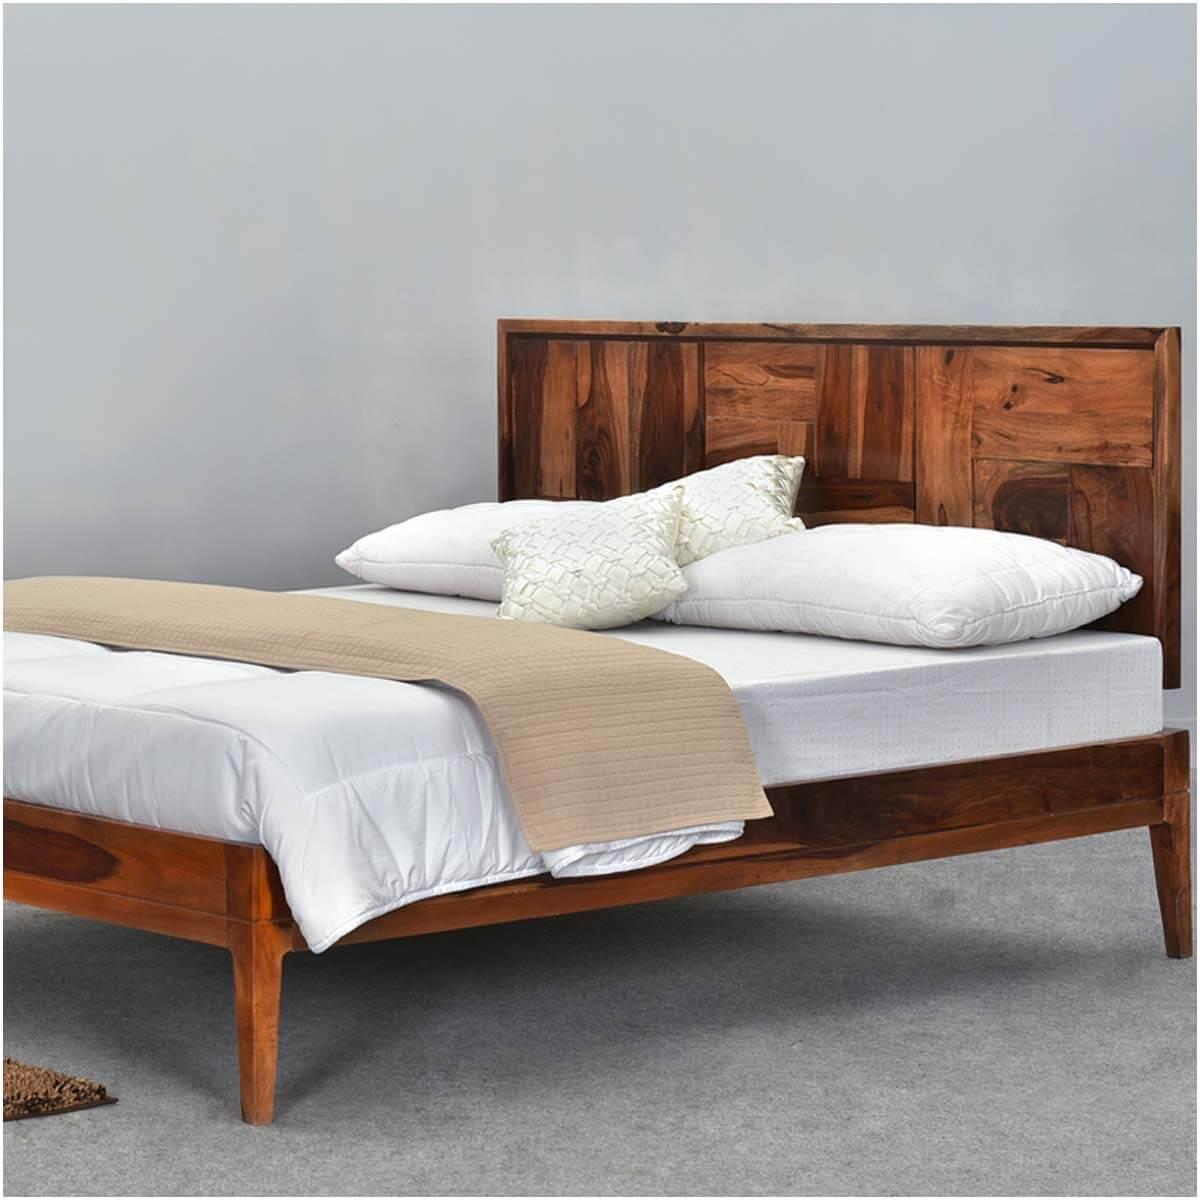 sunrise modern pioneer solid wood full size platform bed frame. Black Bedroom Furniture Sets. Home Design Ideas